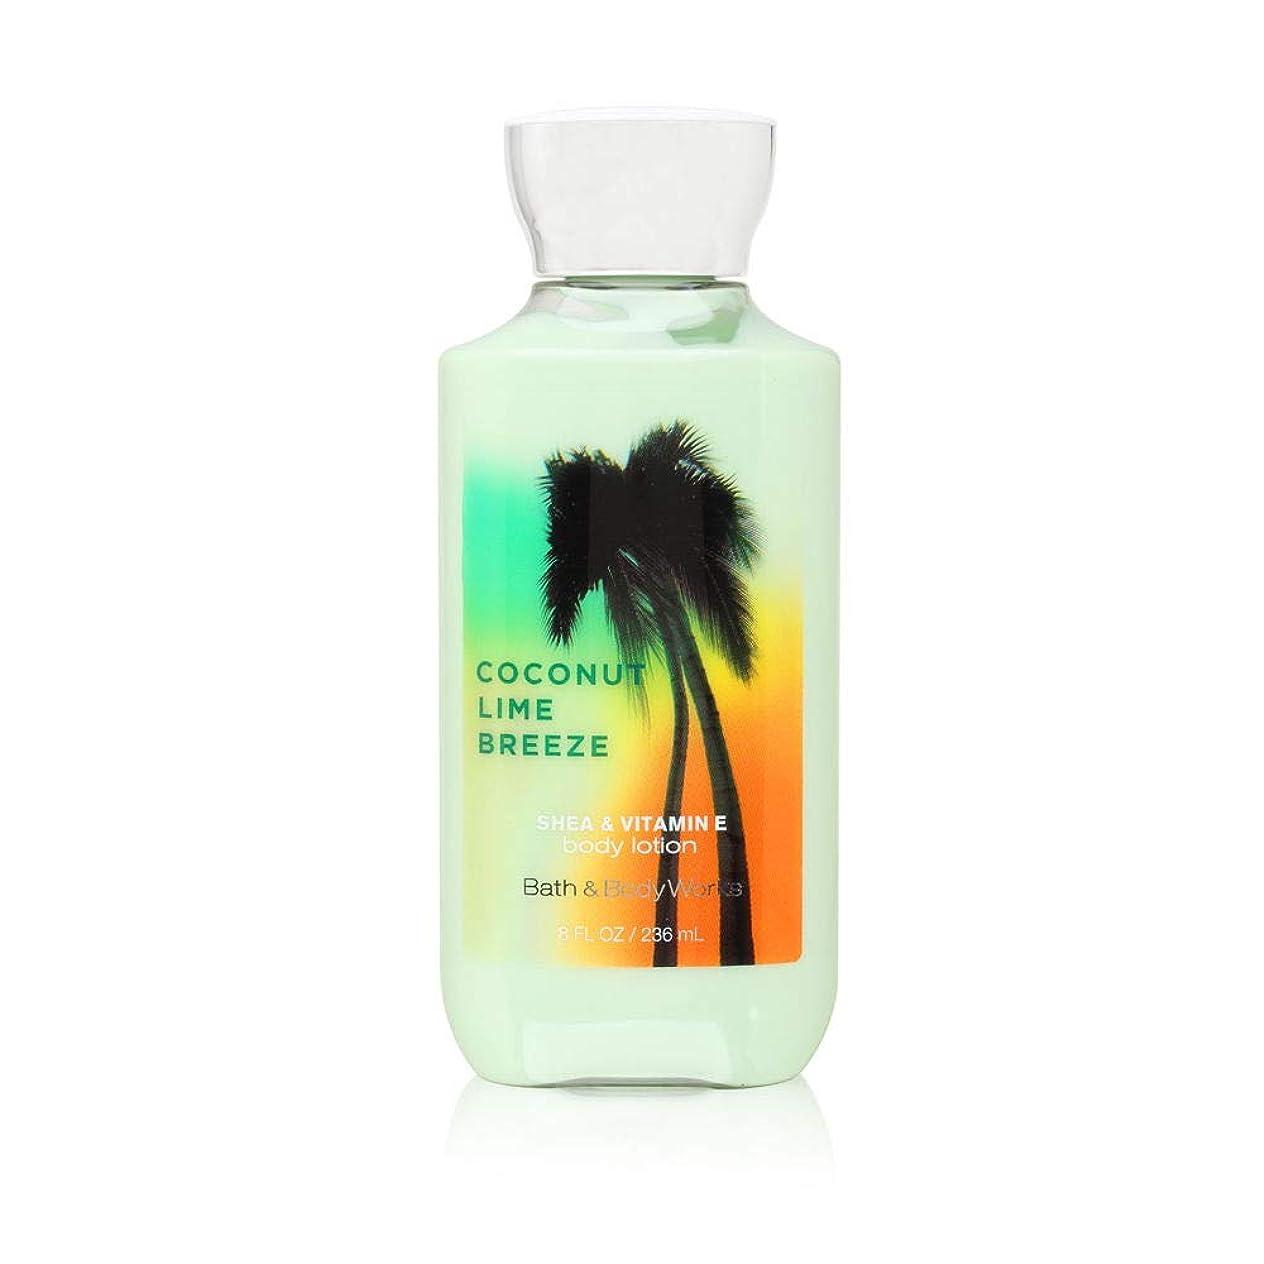 に話すダメージ形容詞【バス&ボディワークス】 Body Lotion/ボディローション Coconut Lime Breeze